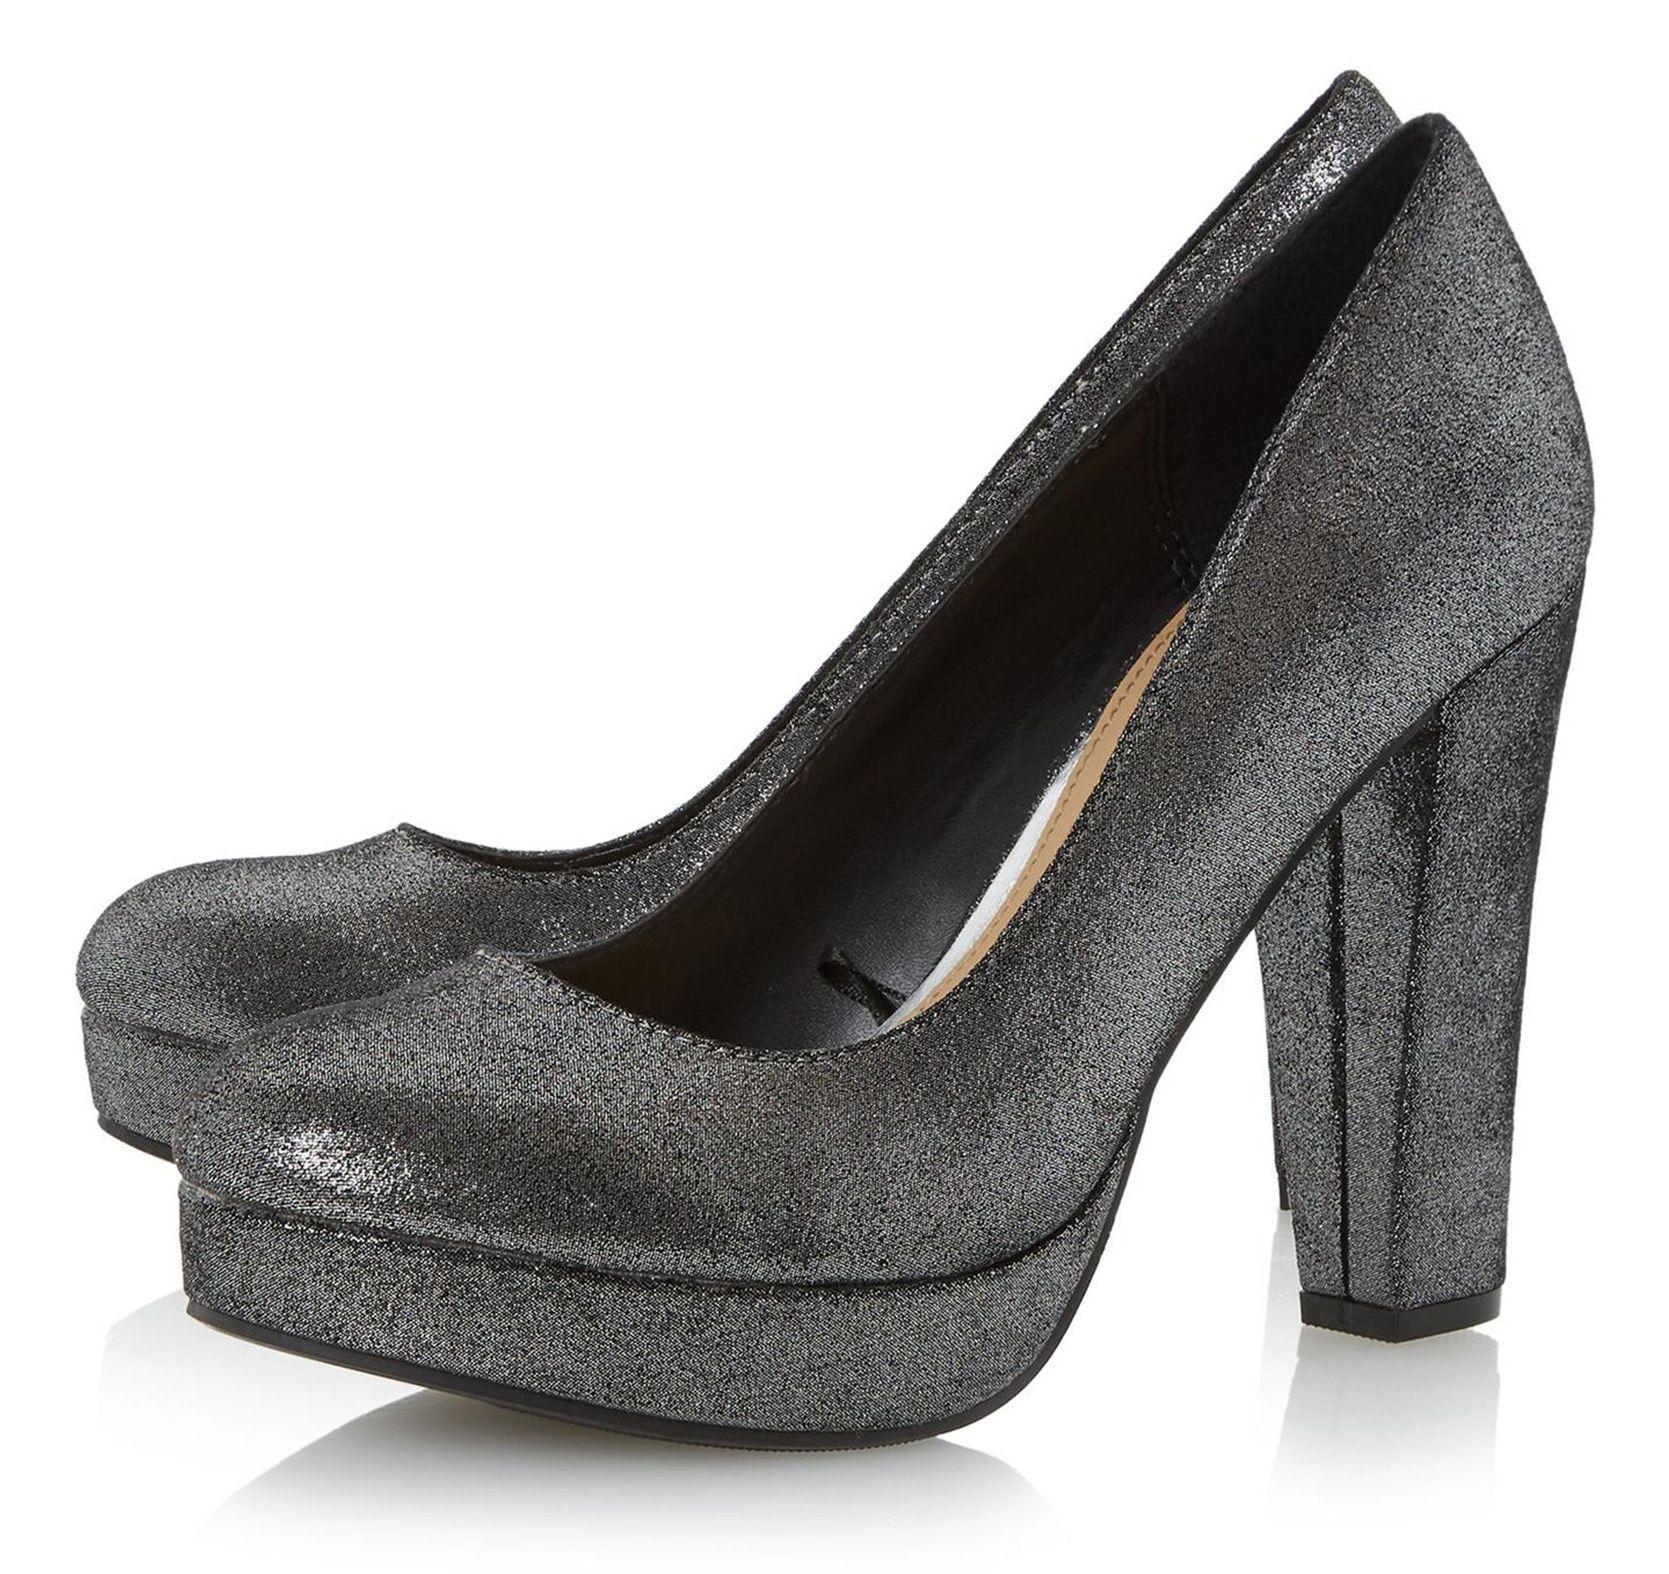 کفش پاشنه بلند زنانه - هد اور هیلز بای دون لندن main 1 9